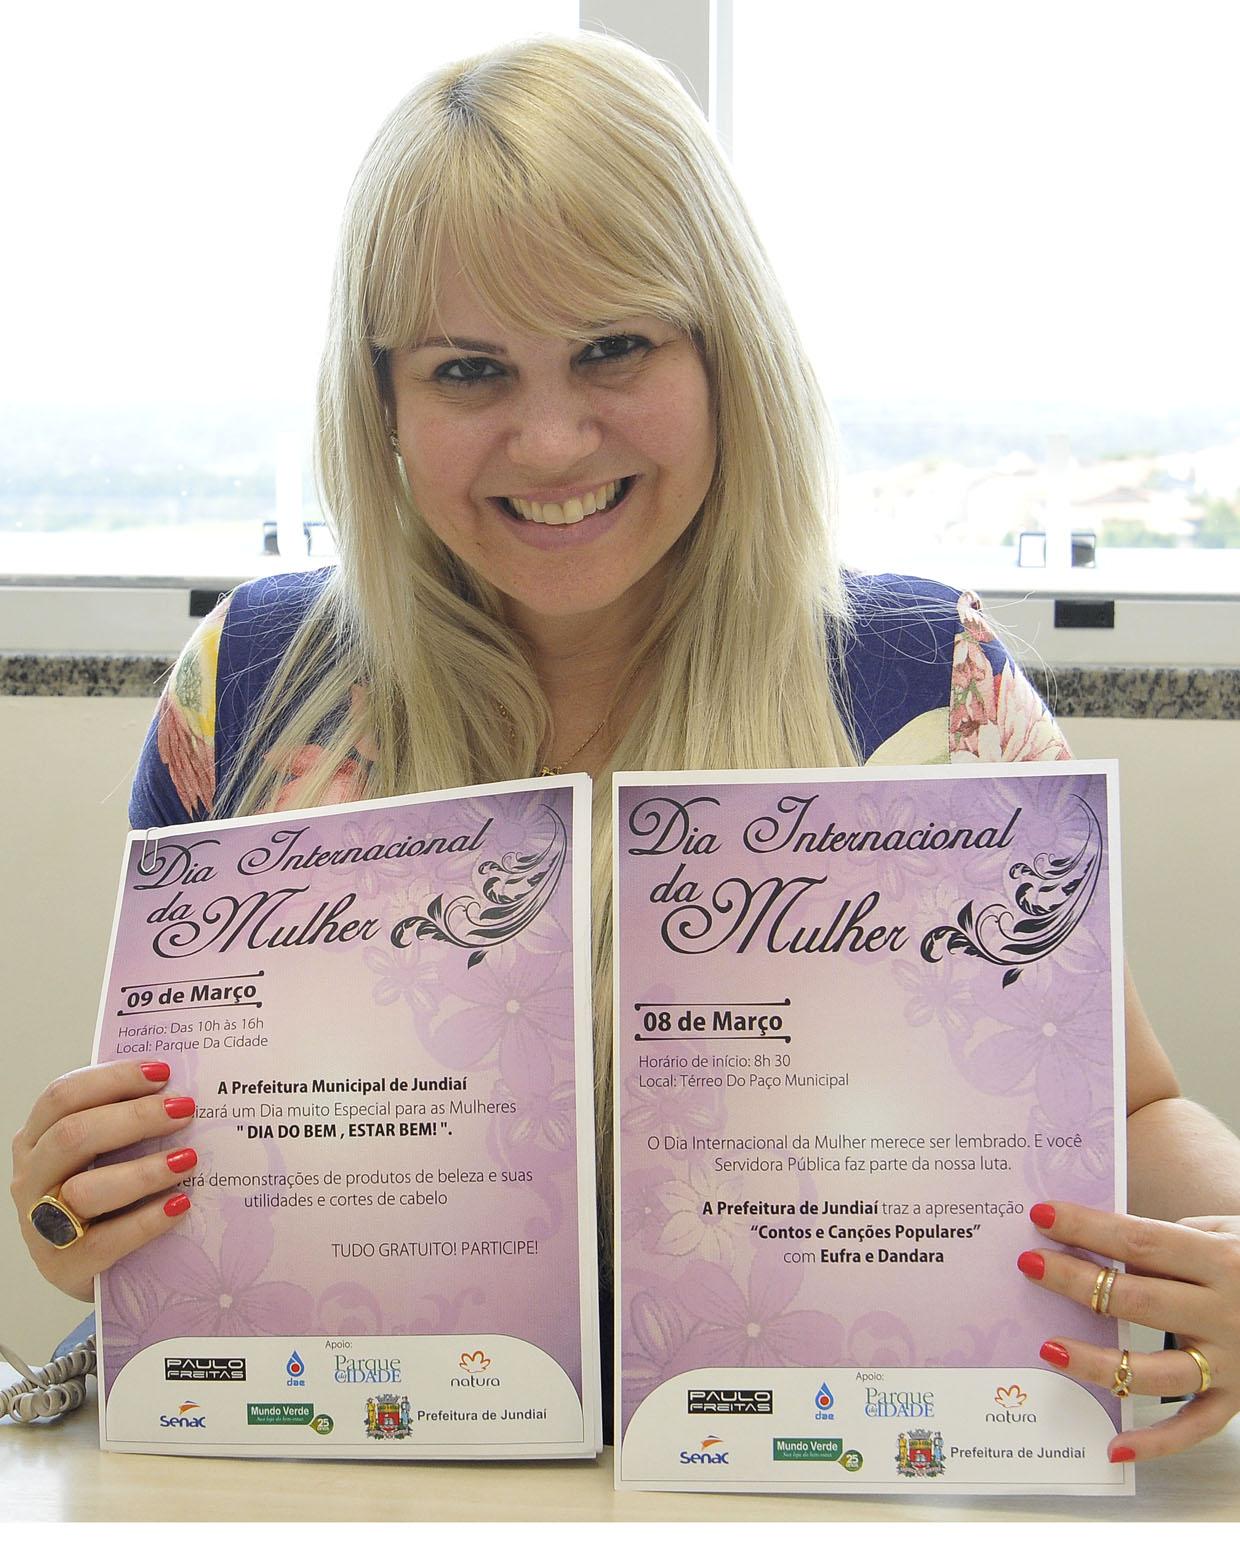 Mônica Barranqueiros, responsável pela Coordenadoria da Mulher, organiza os eventos